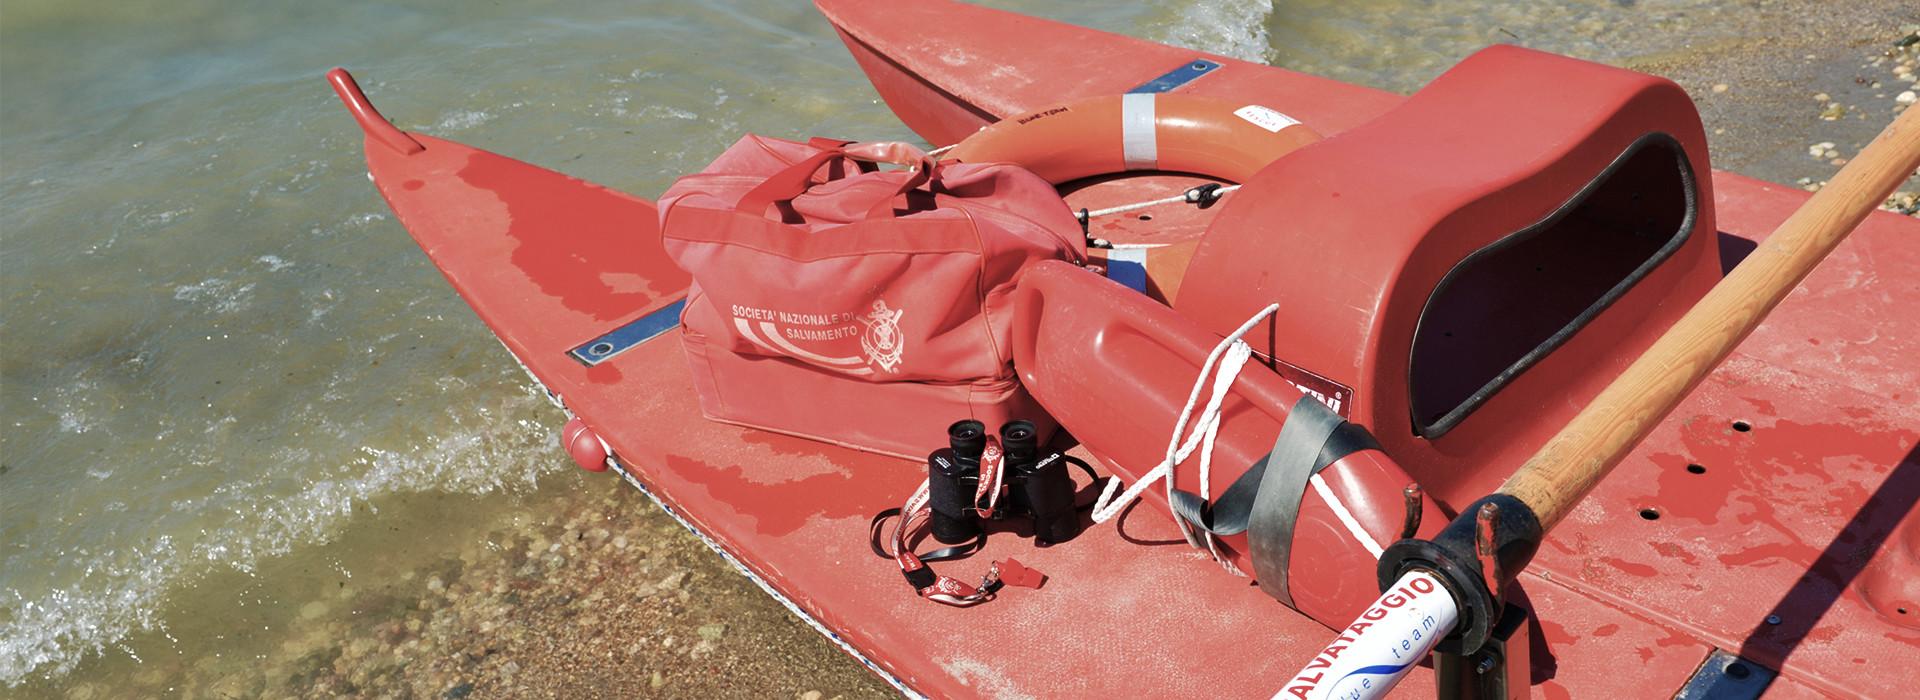 Salvamento Lago di Garda